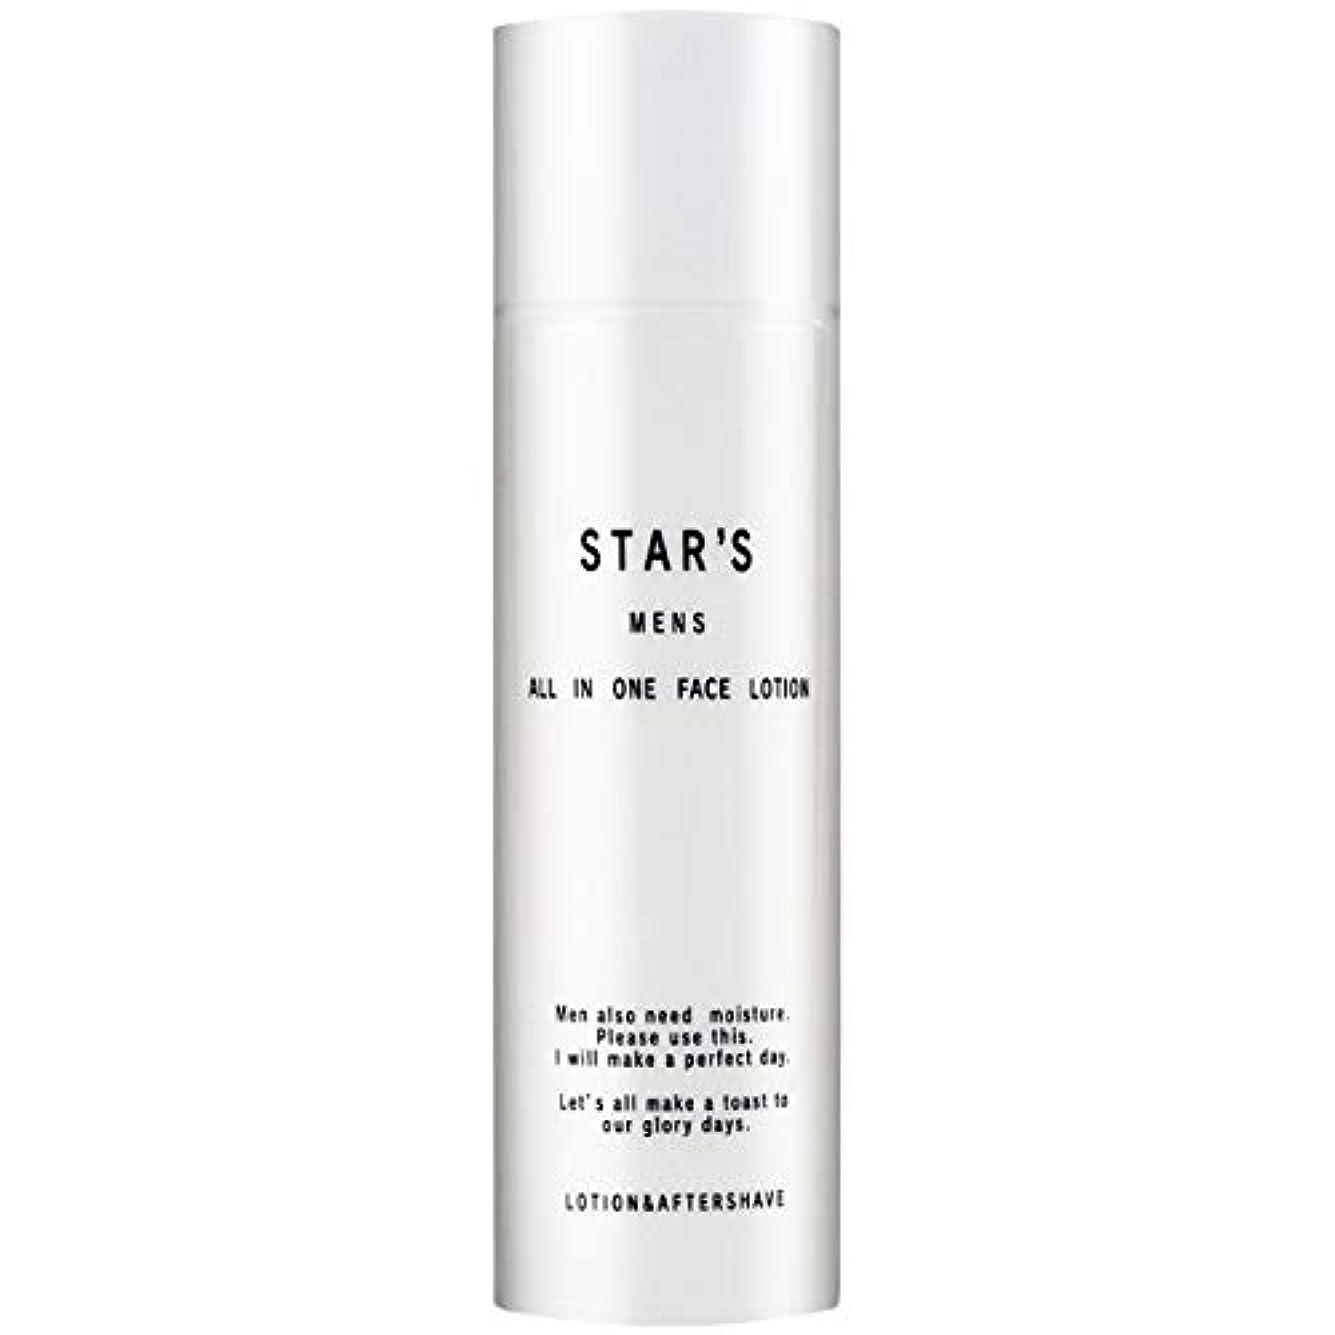 そのようなそのような最悪STAR'S メンズ スキンケア オールインワンローション 医薬部外品 【乾燥肌/テカリ/シワ/毛穴の黒ずみ】 シェーピング後のダメージケア ニキビ オイリー肌 化粧水 さっぱり 潤い (1本入り(150mL))